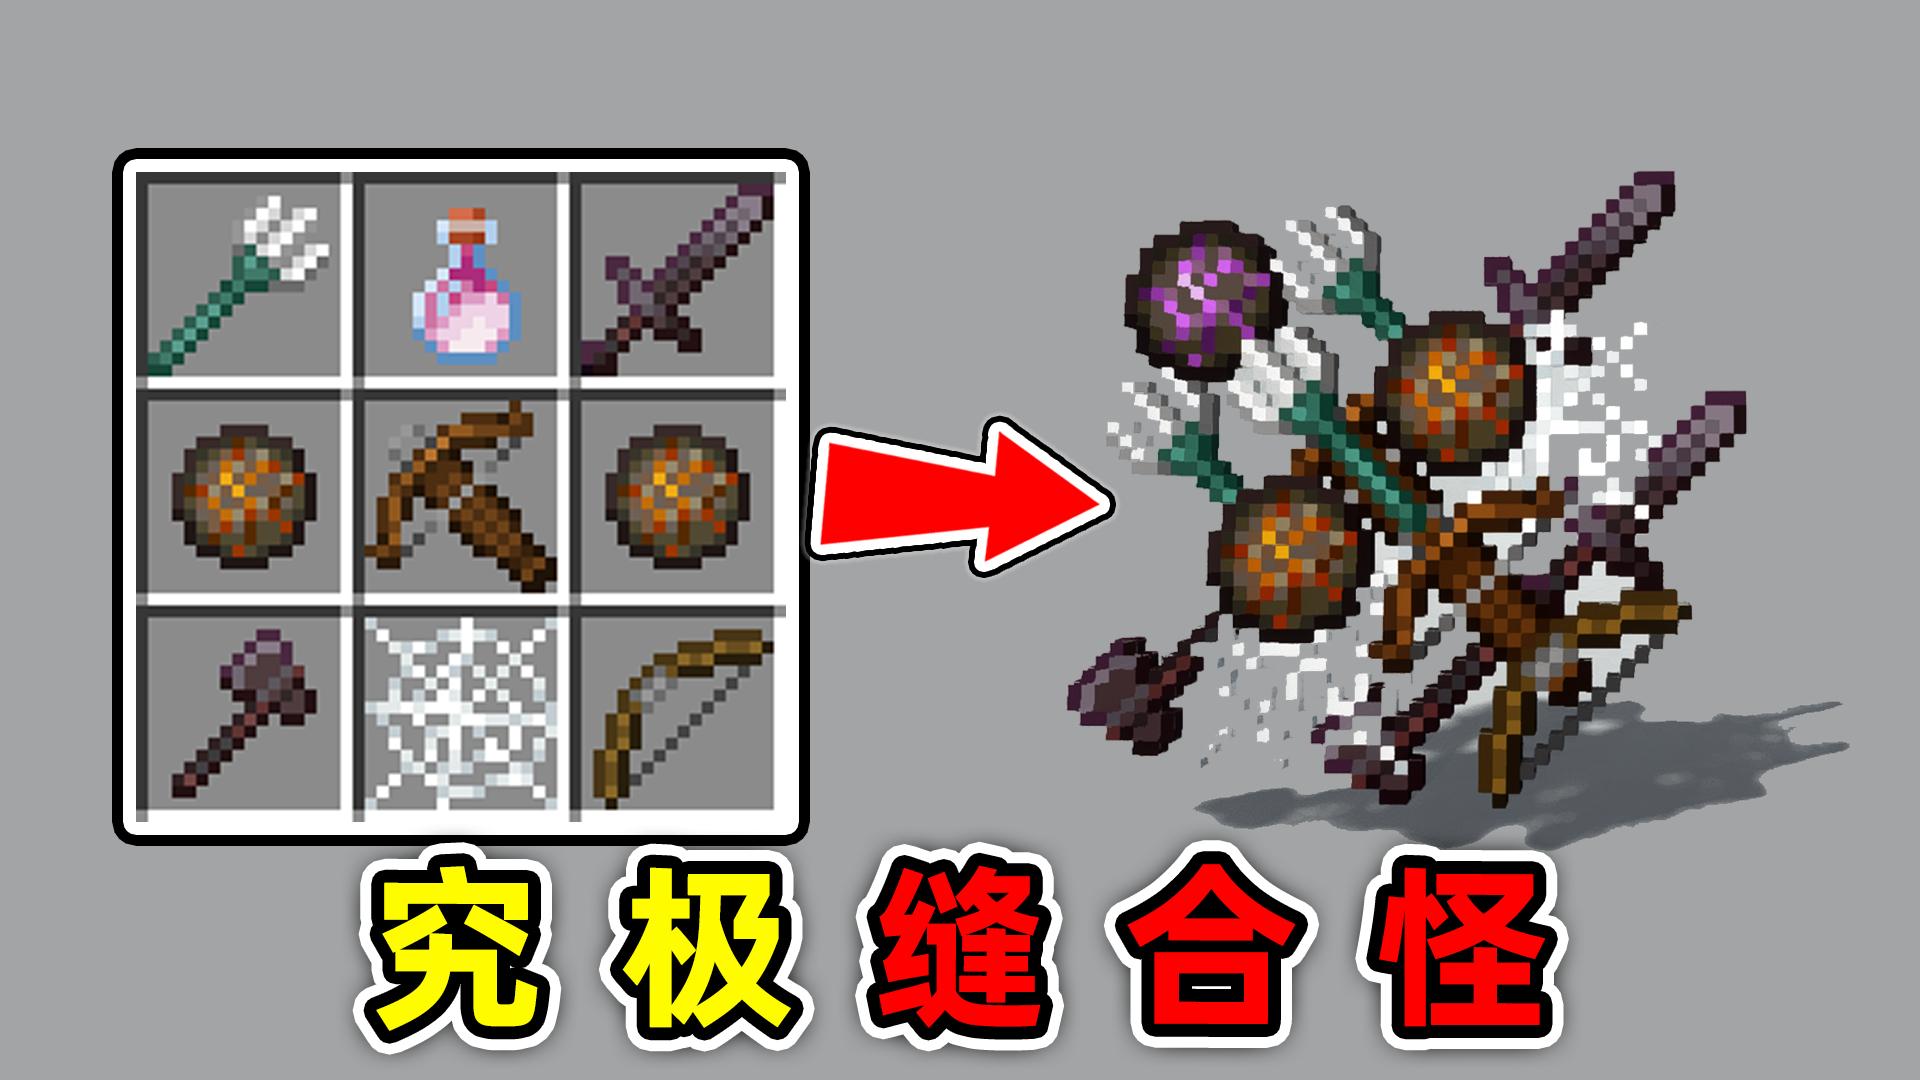 我的世界:把原版各种武器结合在一起?一箭就能秒杀3000只怪物!